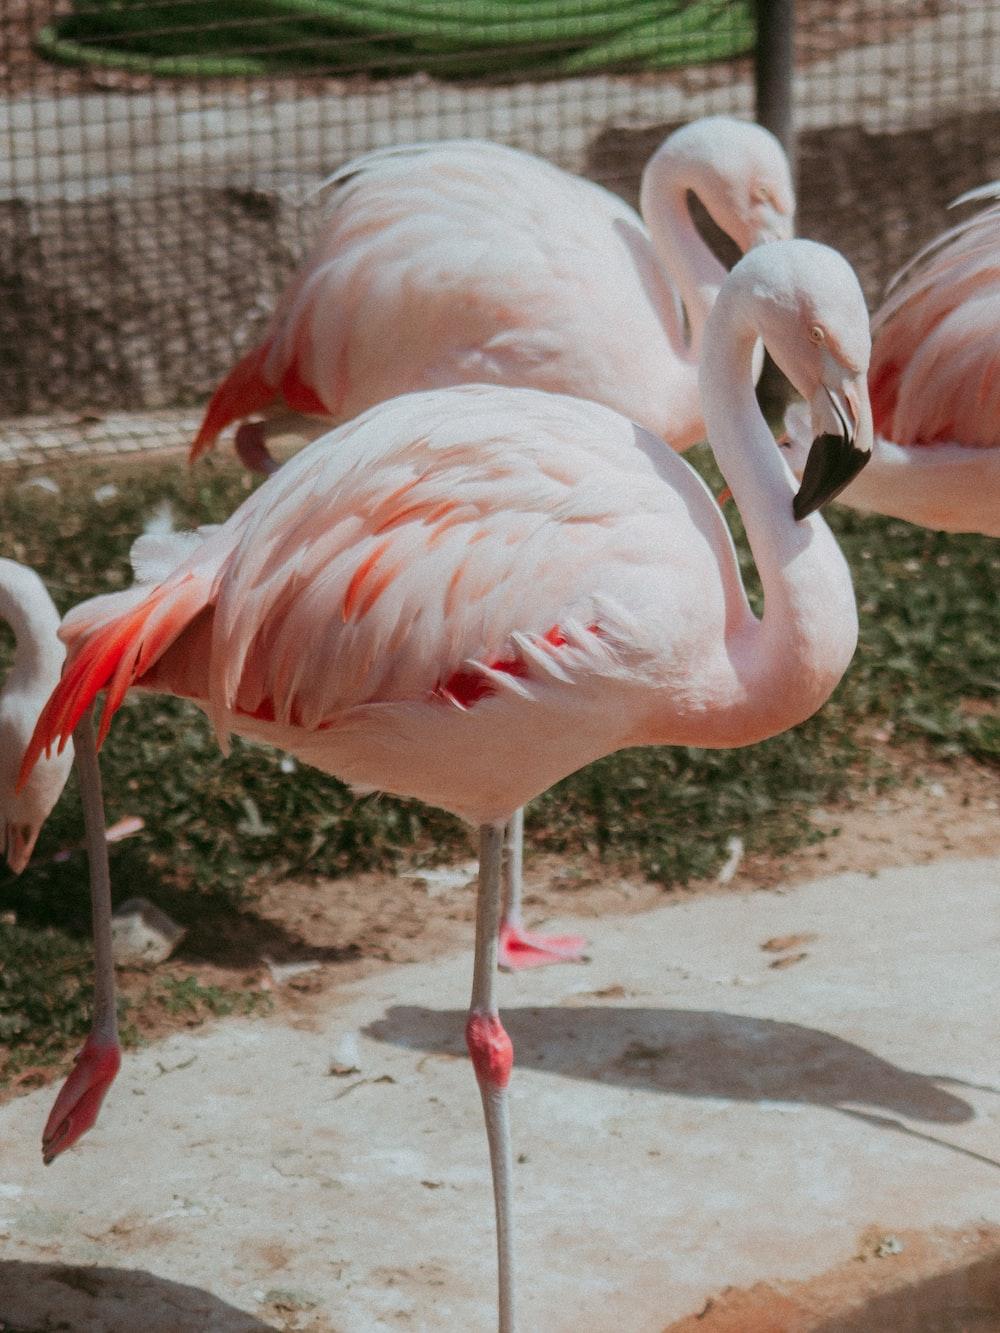 flock of flamingos on brown soil during daytime